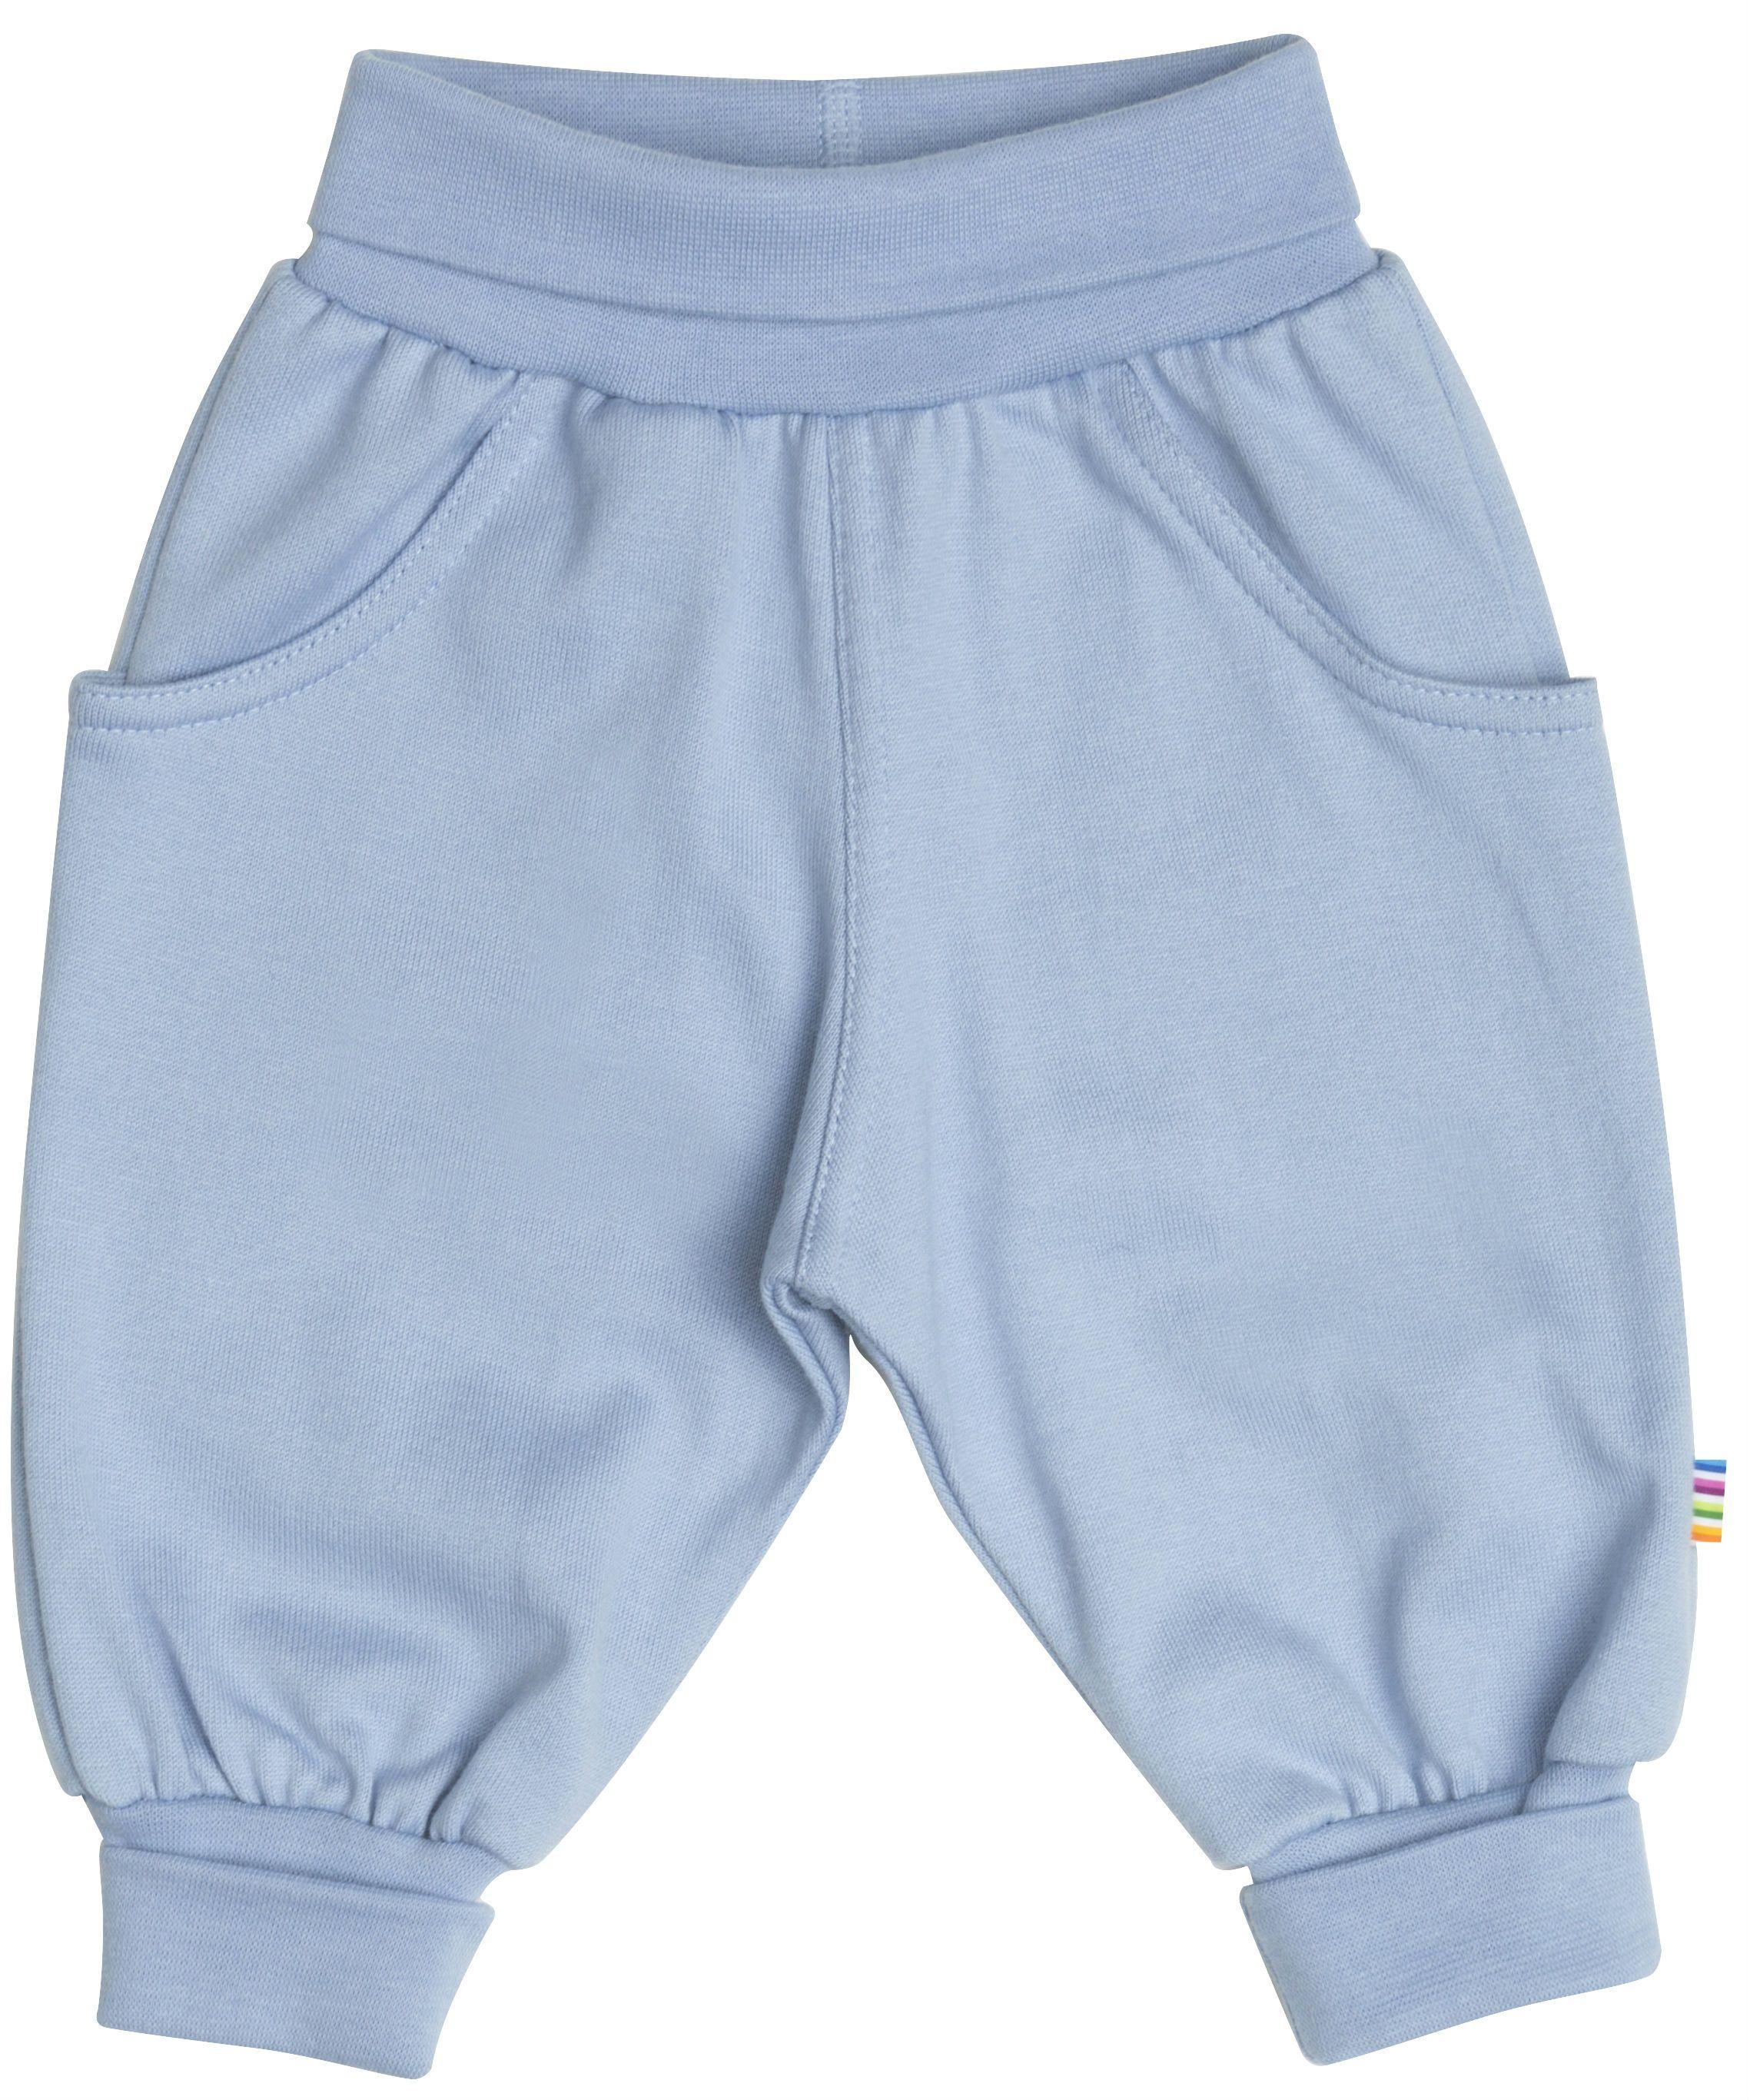 Image of   Baggy Pants fra Joha i økologisk bomuld - Ice Blue